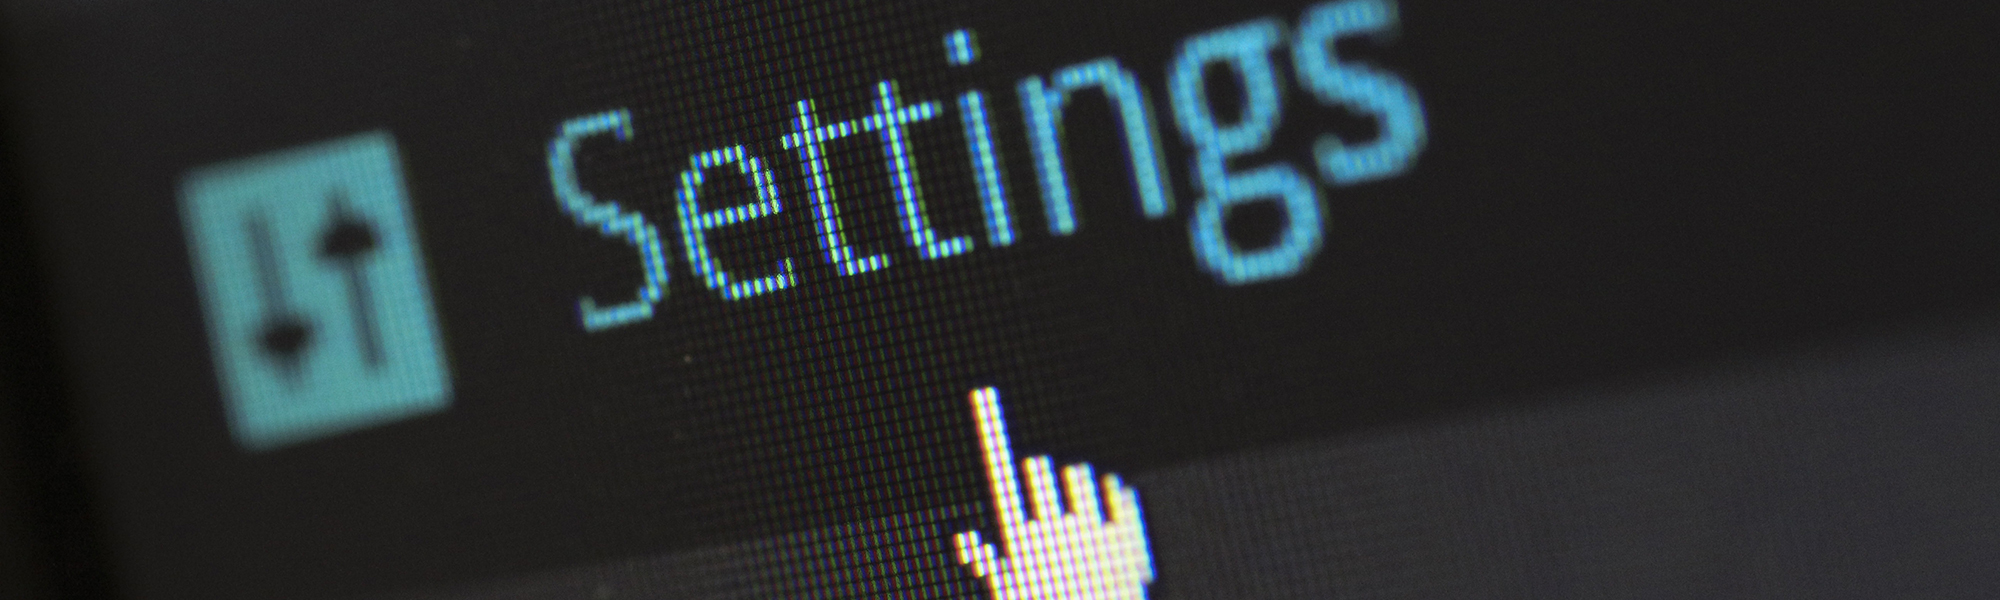 Siti web applicazioni per smartphone siti e-commerce